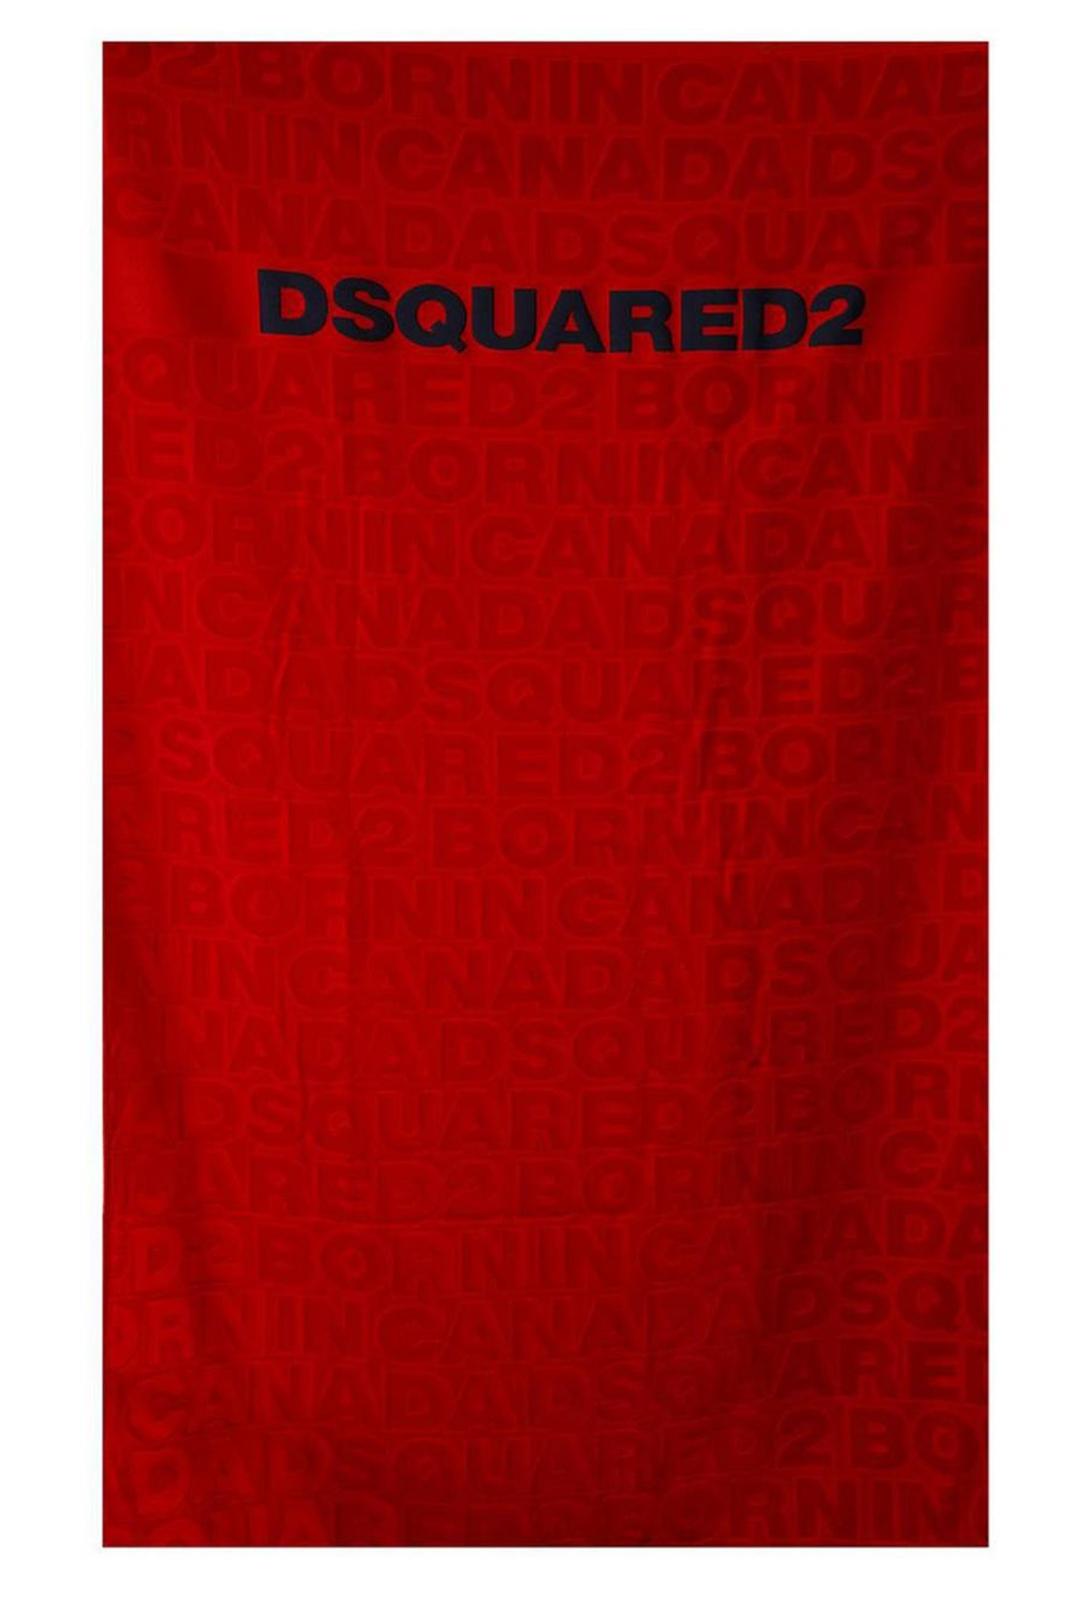 Maillots & Sous-vêtements  Dsquared2 D7P001920 400 ROUGE